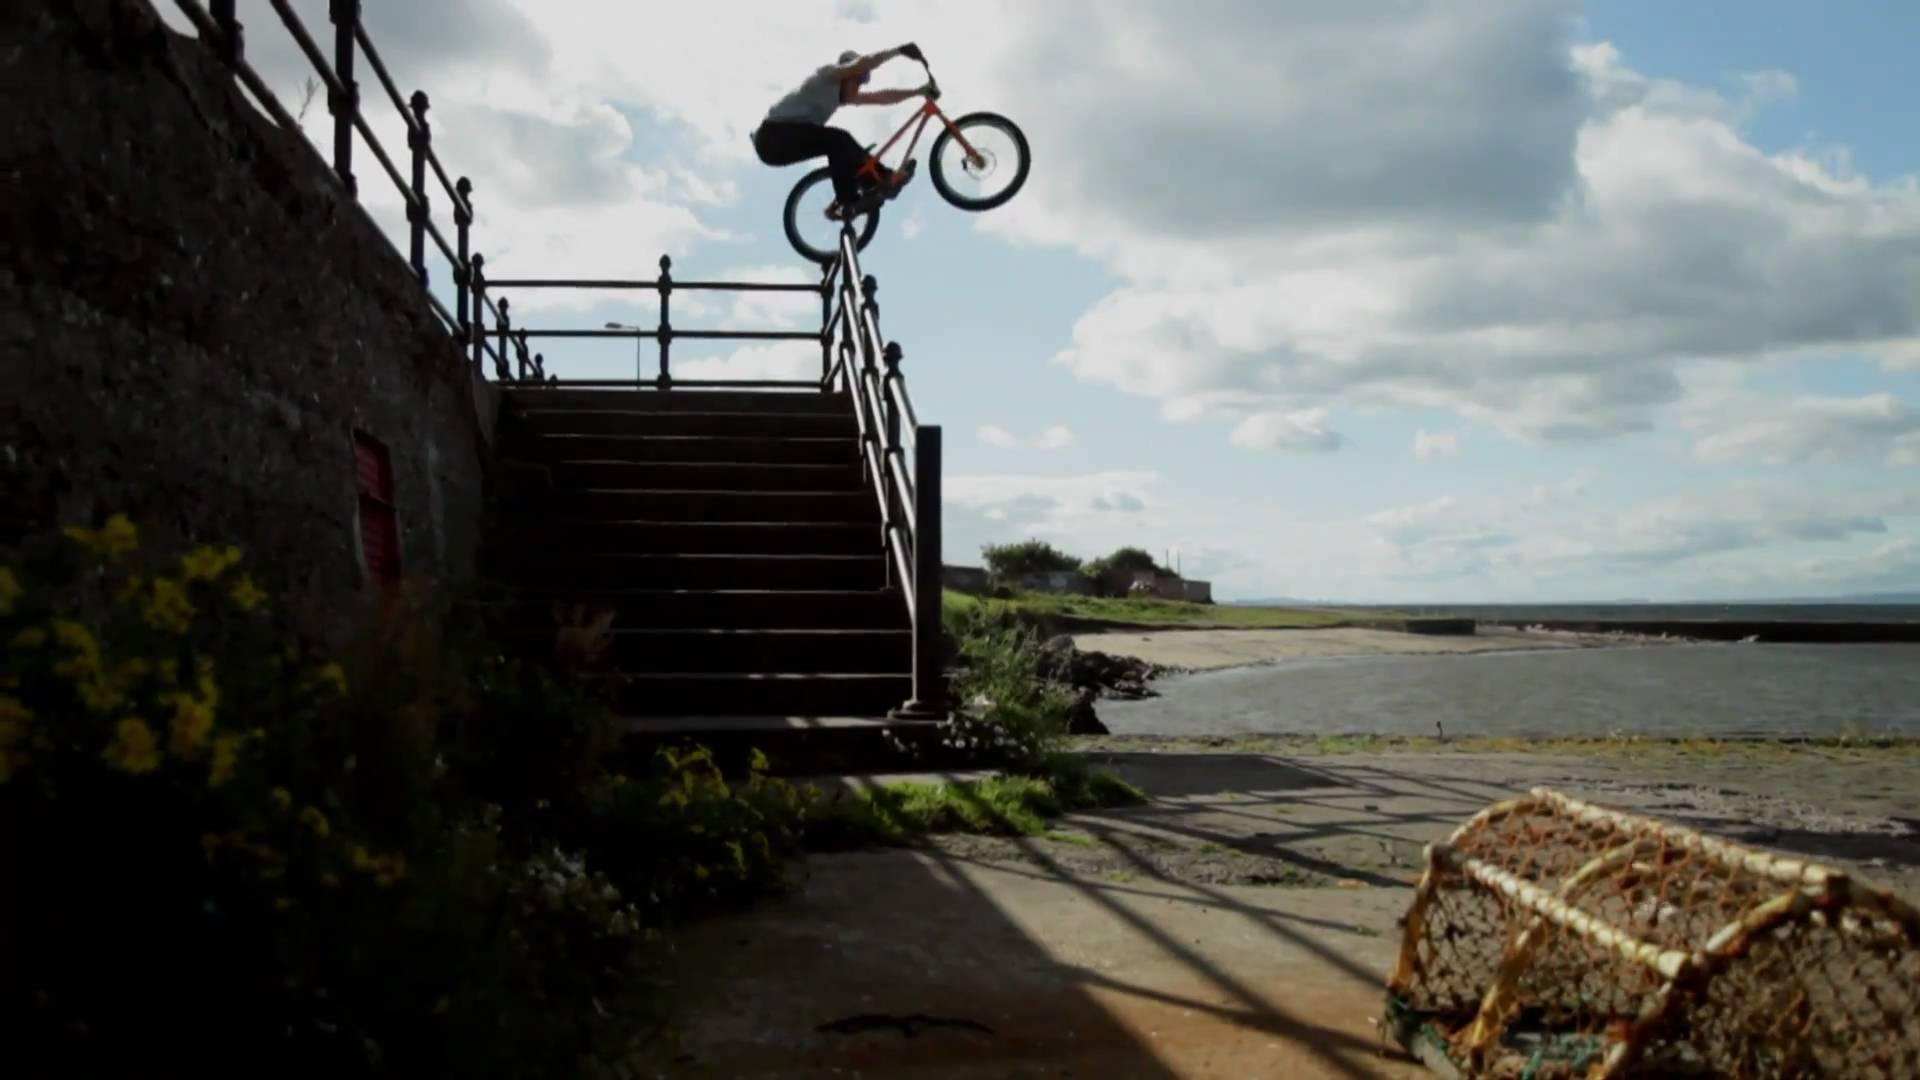 Mały może wyżej, rower oczywiście :)